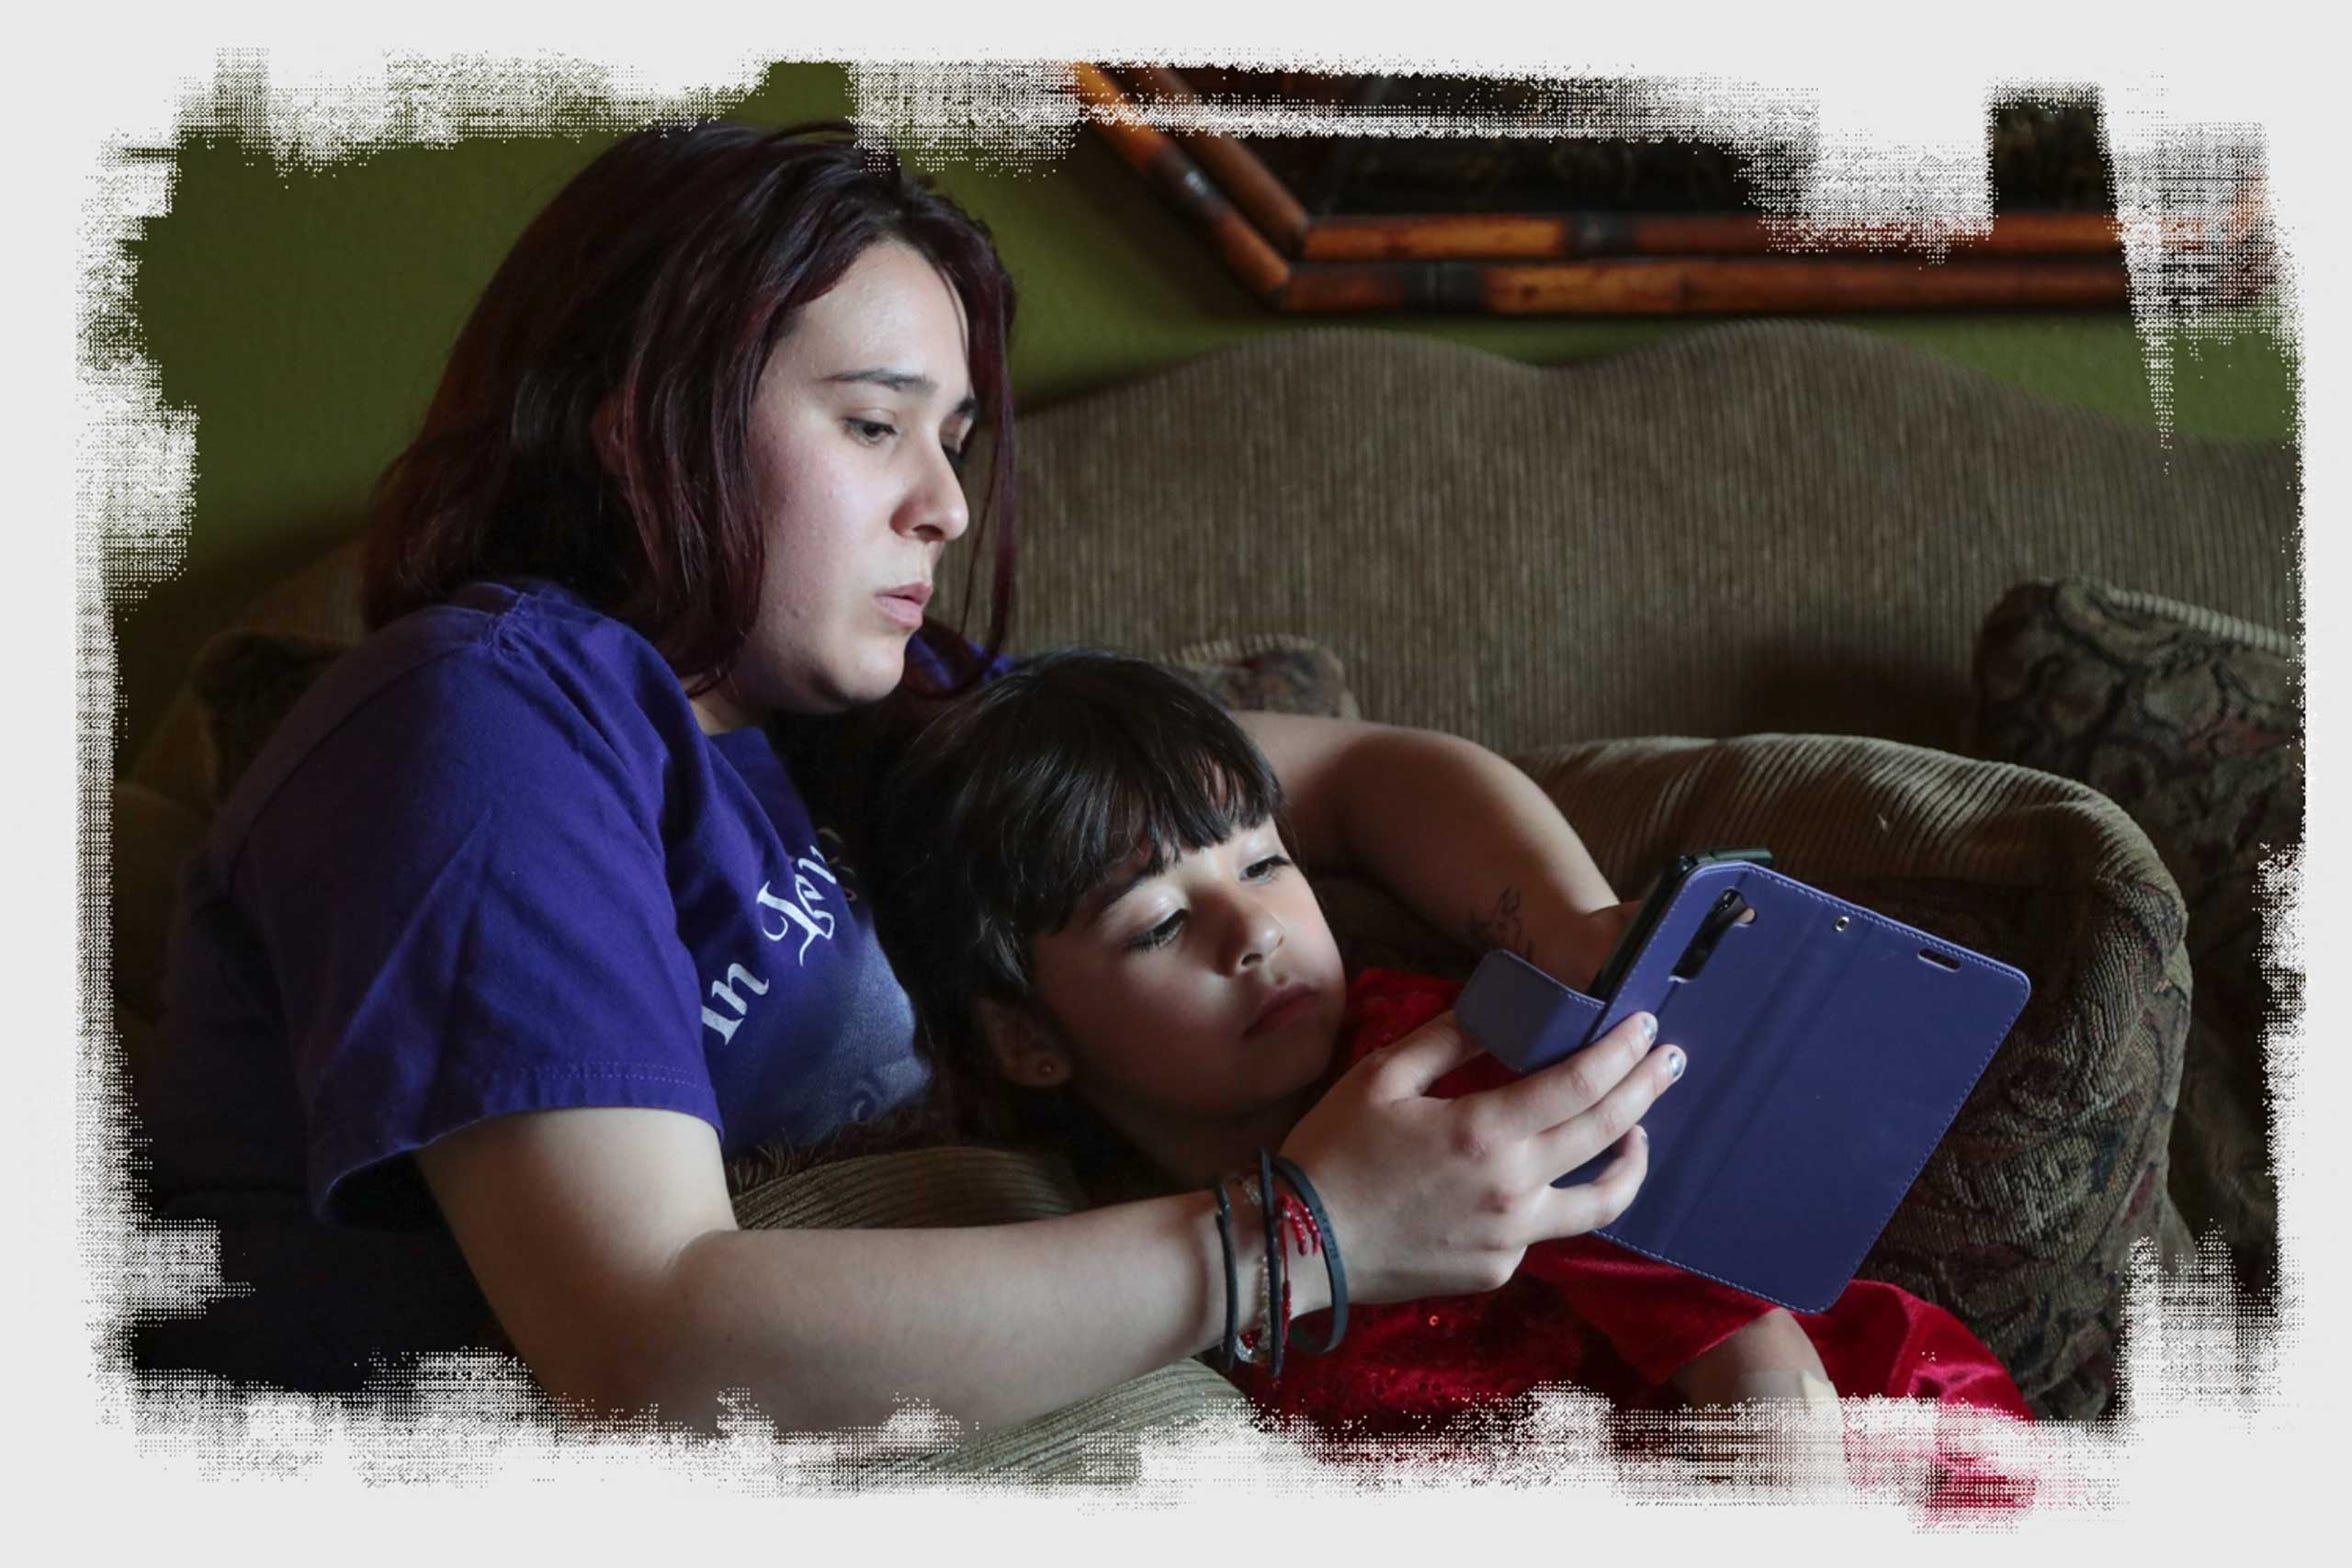 Michelle Dugan-Delgado sentada a lado de su hija Marie, en Coachella, California, el 27 de abril de 2018.